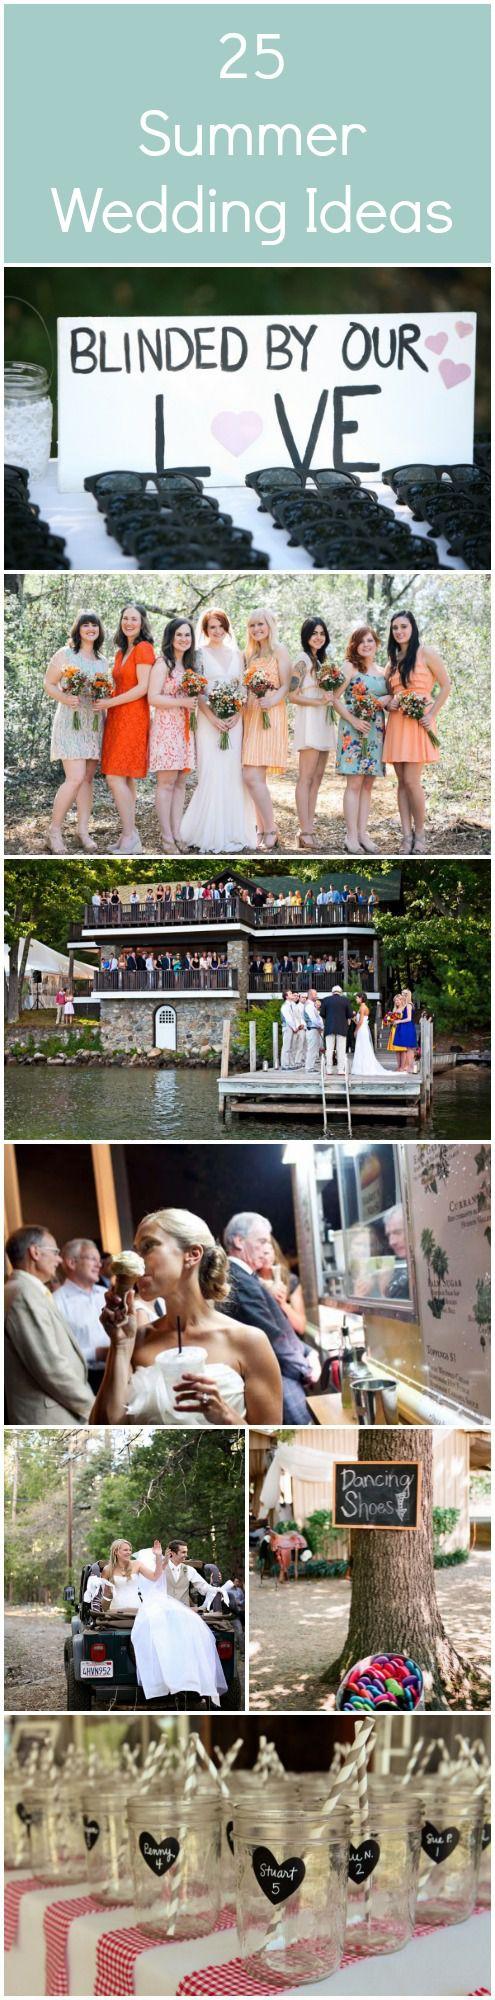 Wedding ideas for summer Wedding Reception Rustic Wedding Chic 25 Great Summer Wedding Ideas Rustic Wedding Chic